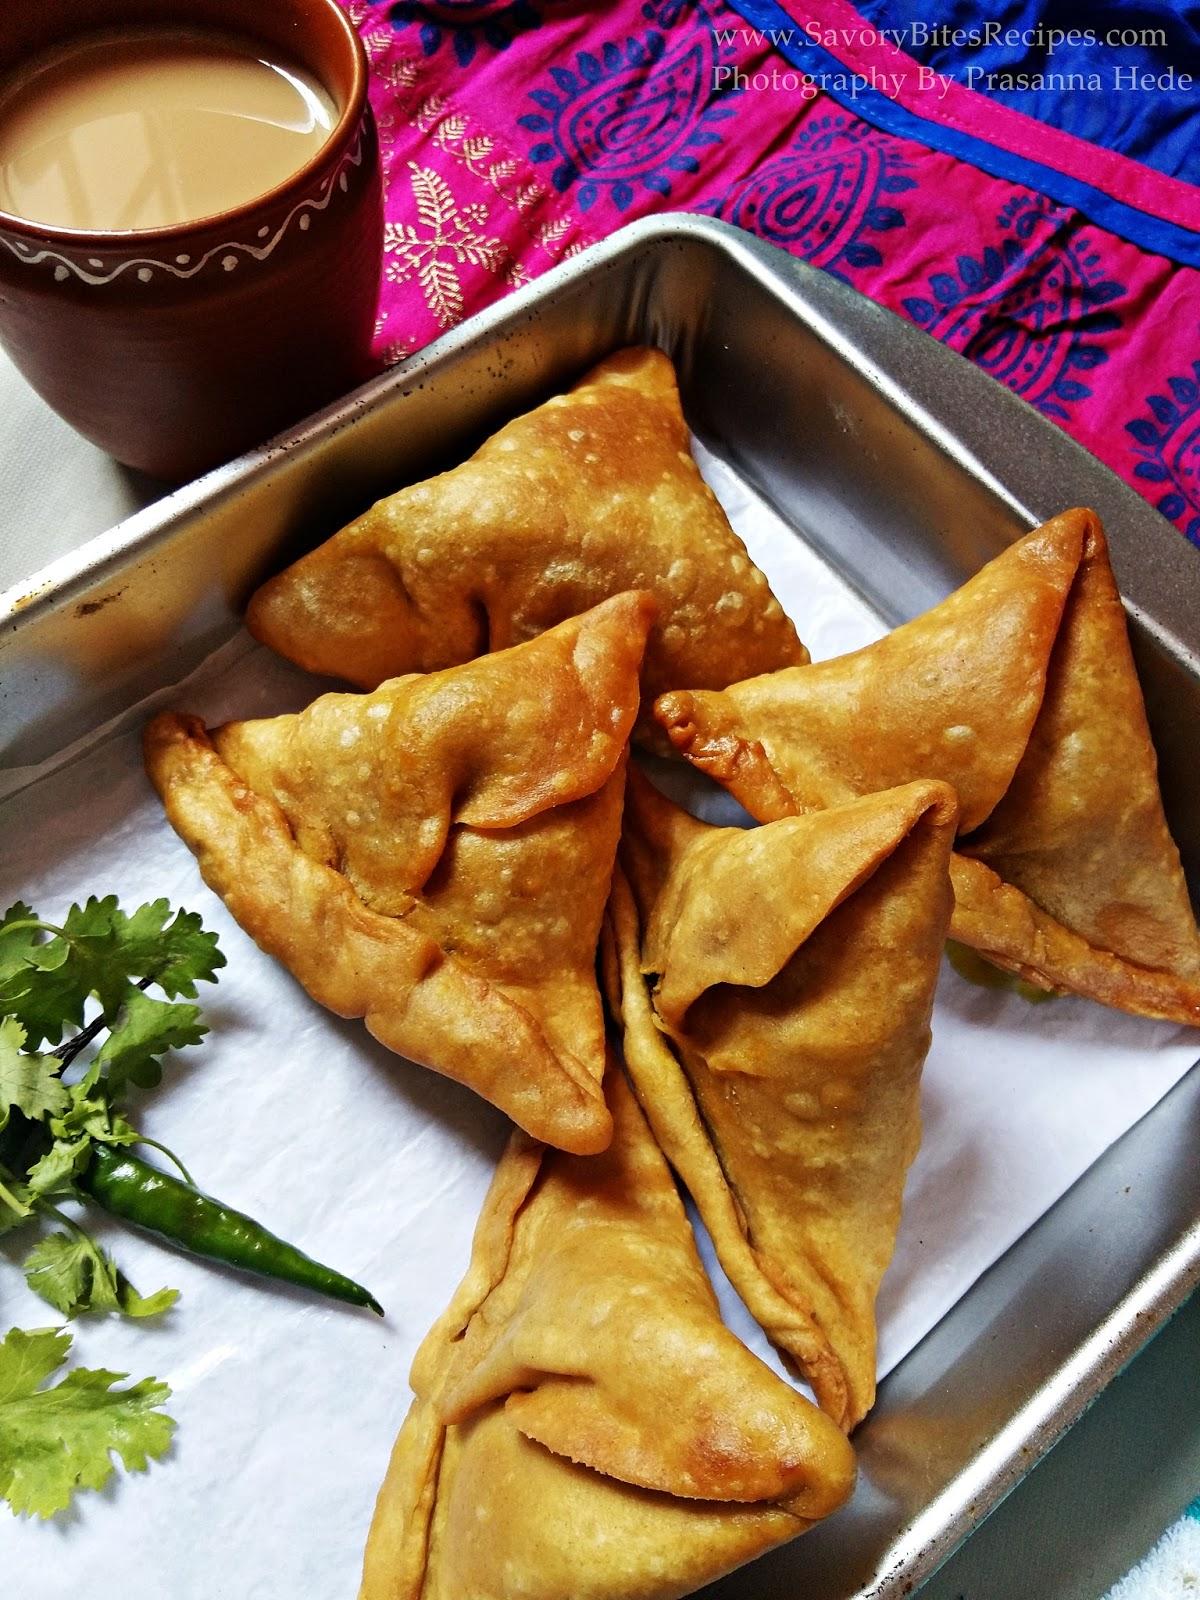 Mushroom samosa tea time snack Indian Street food